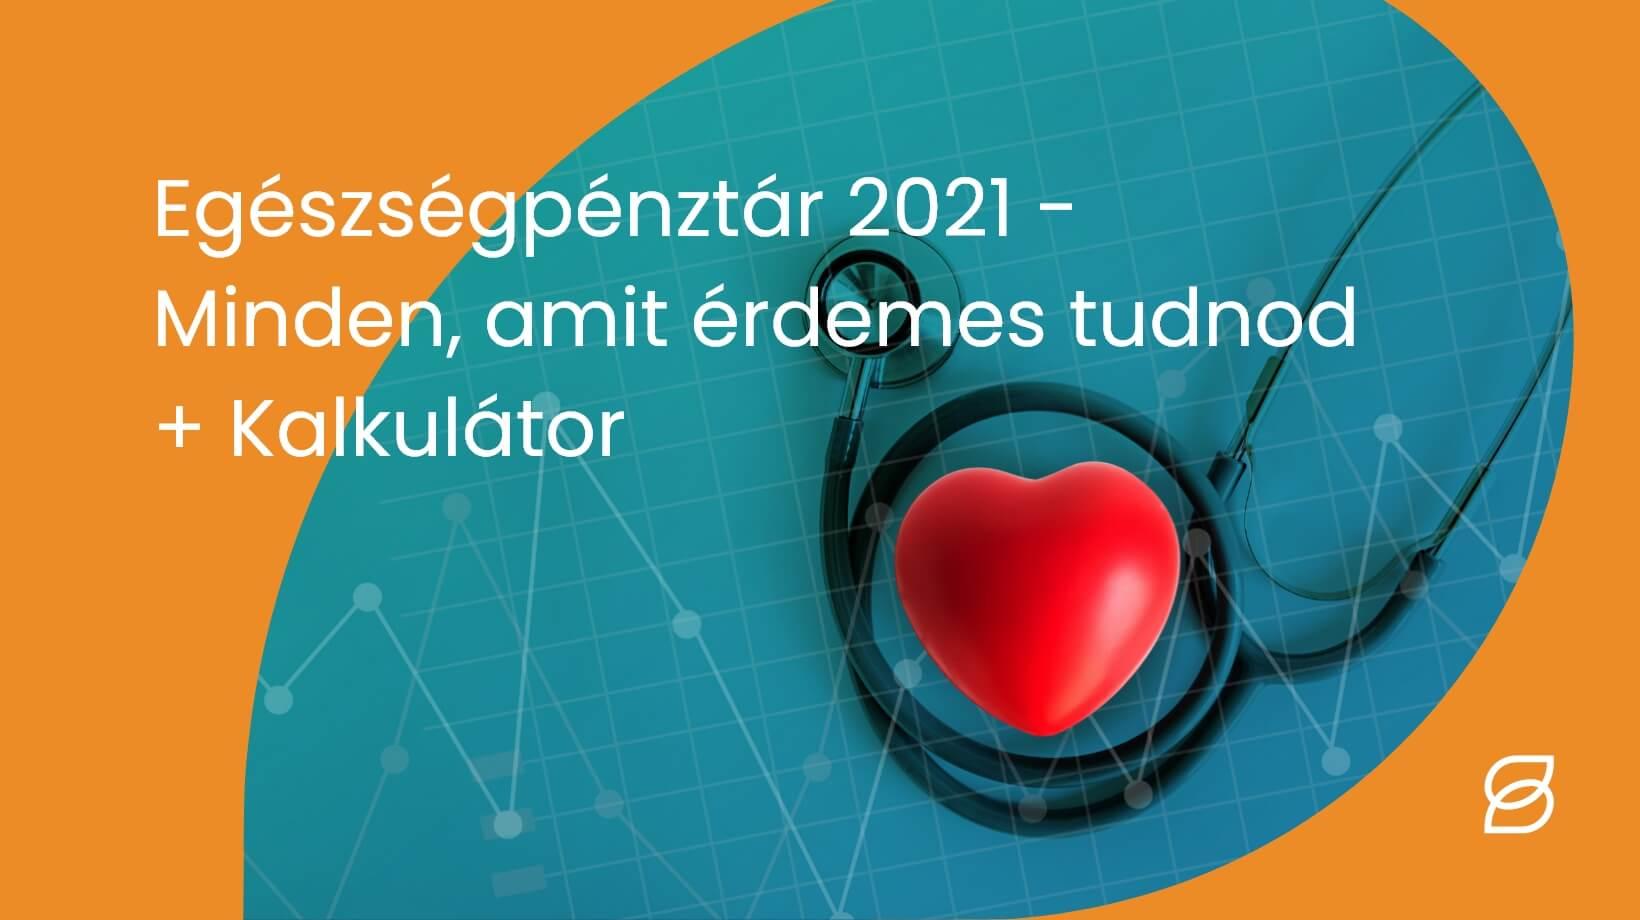 Egészségpénztár 2021 + kalkulátor